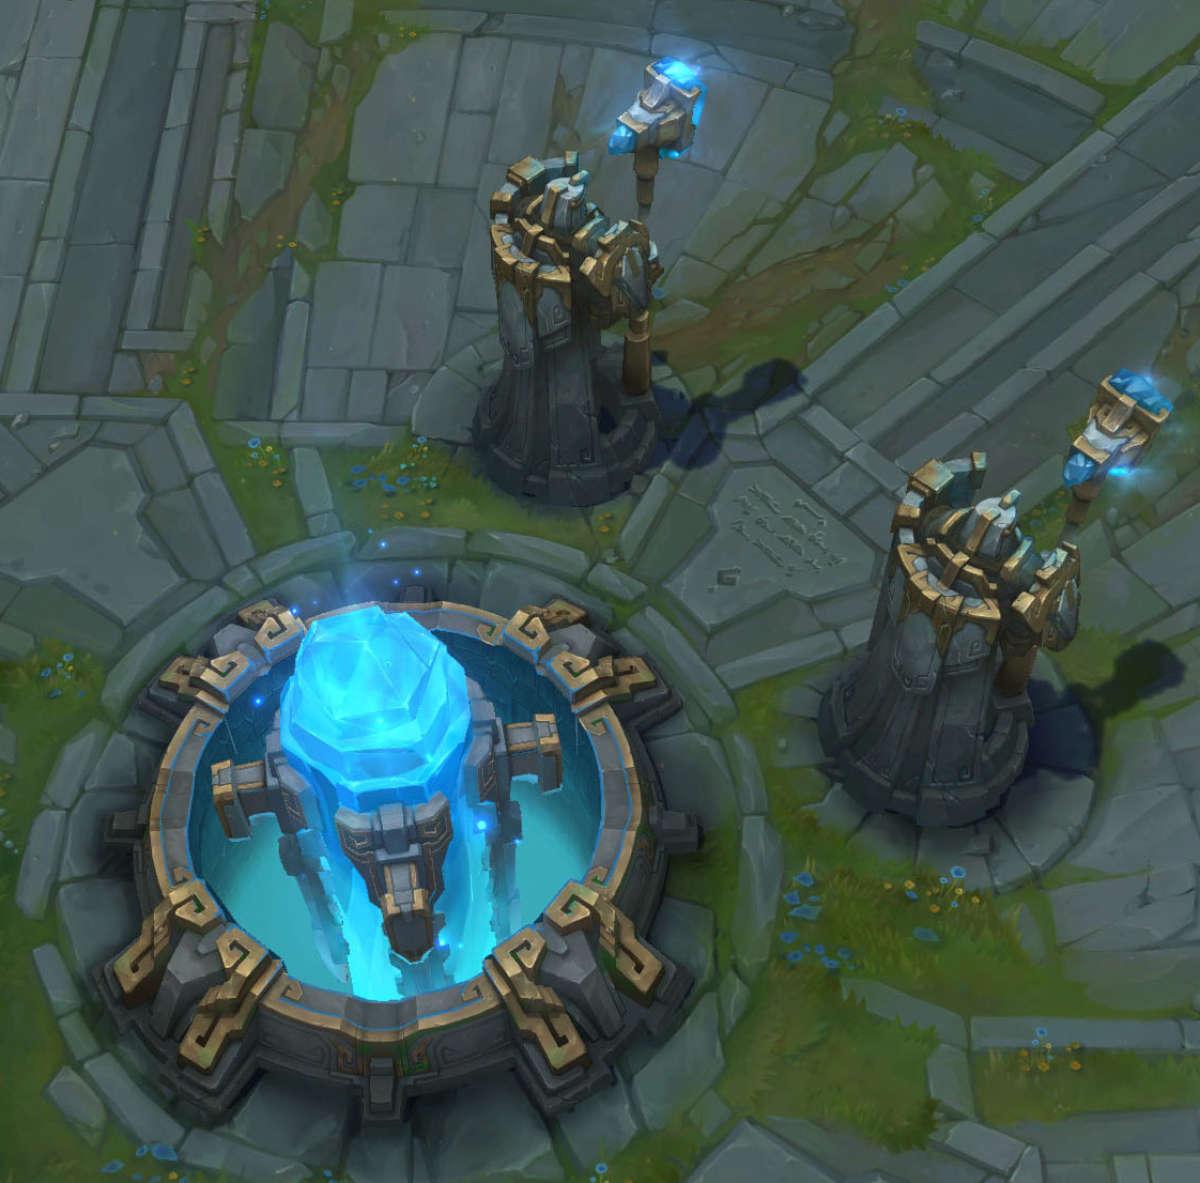 Le but: détruire le Nexus de l'équipe adverse (ici, l'équipe bleue).